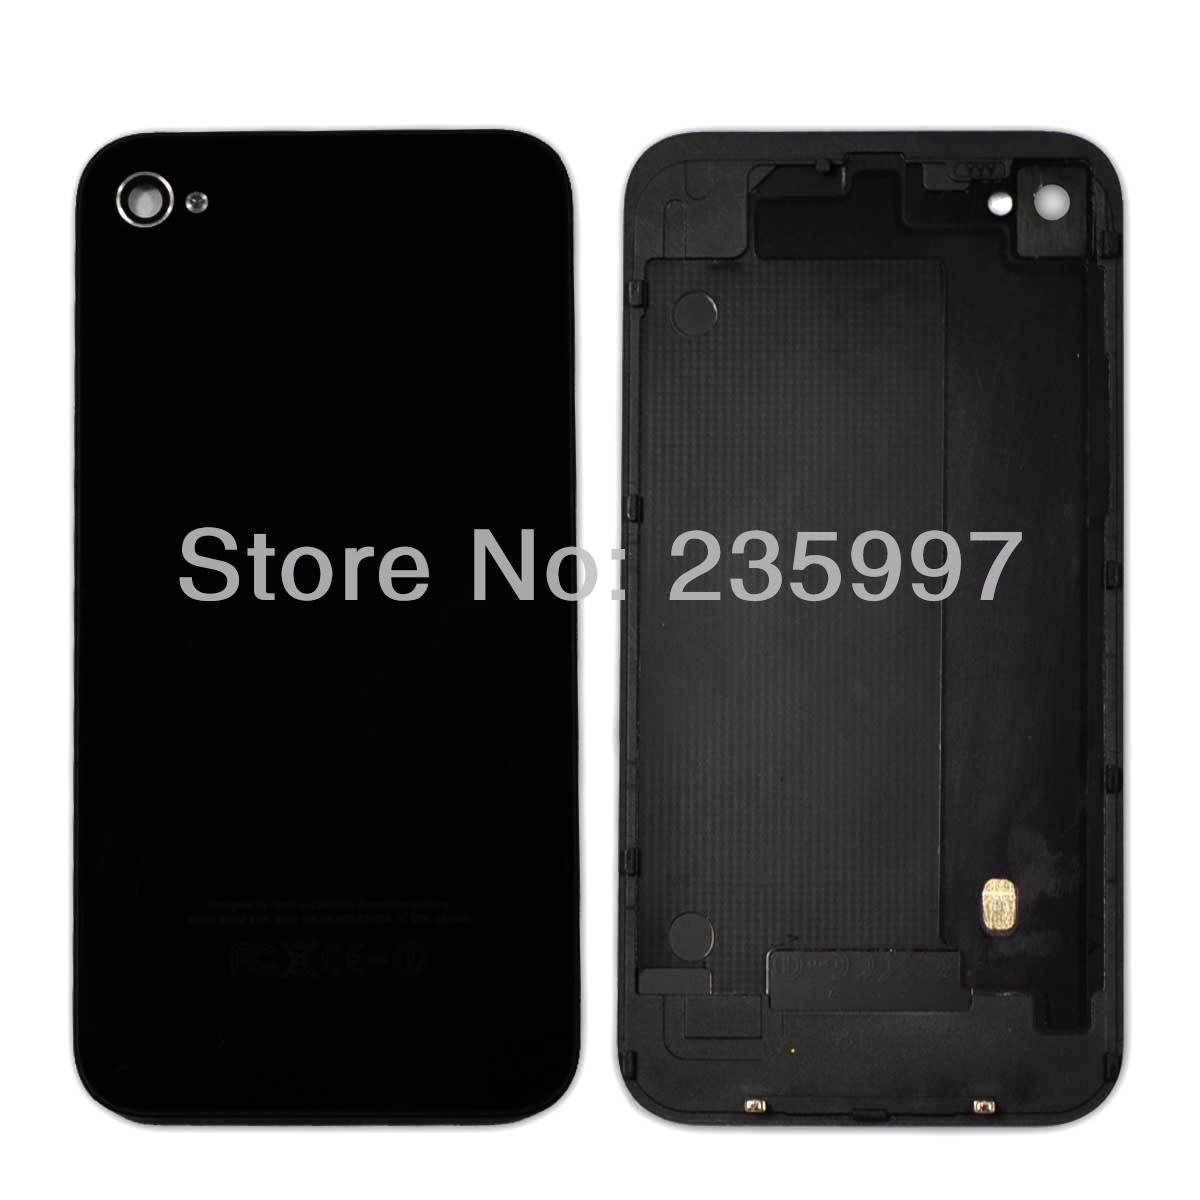 все цены на Чехол для для мобильных телефонов iPhone 4G ,  for iphone 4G онлайн